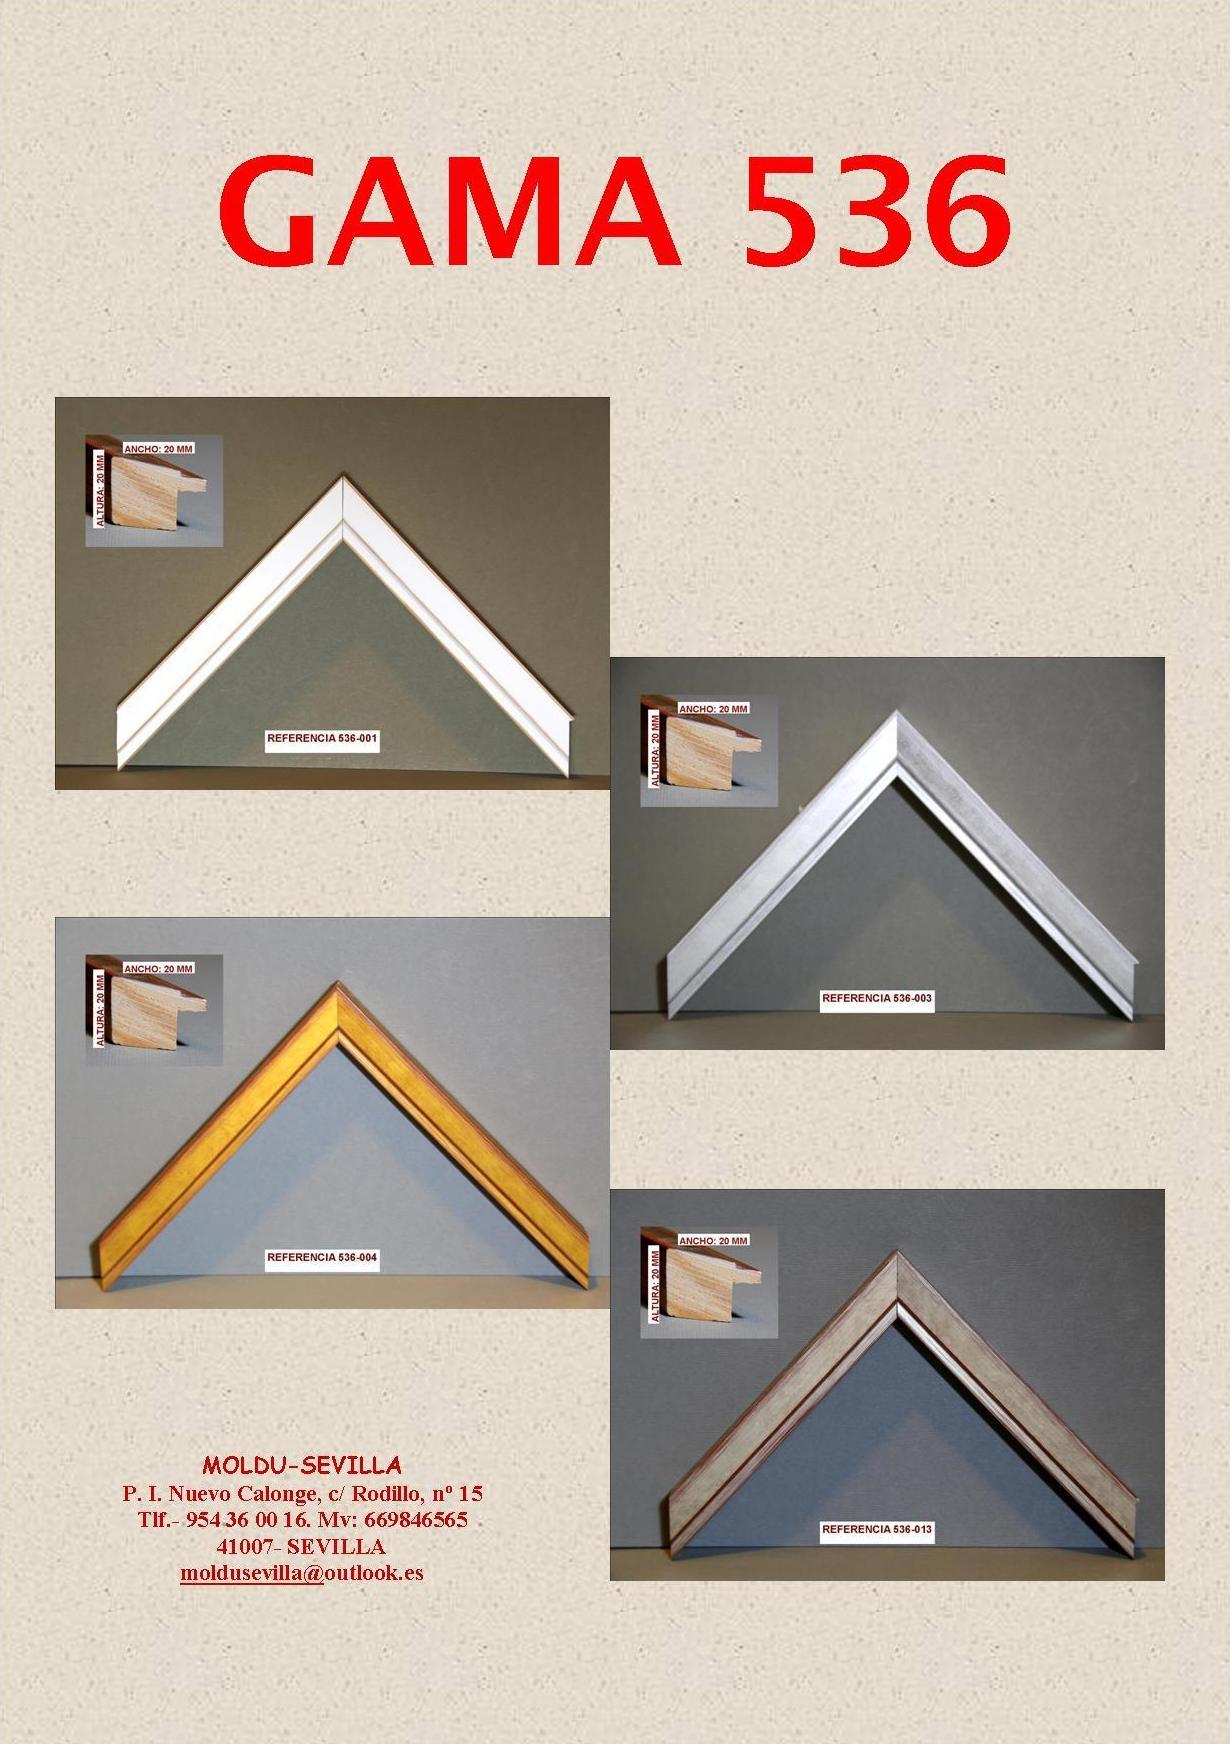 GAMA 536: Muestrario de Moldusevilla